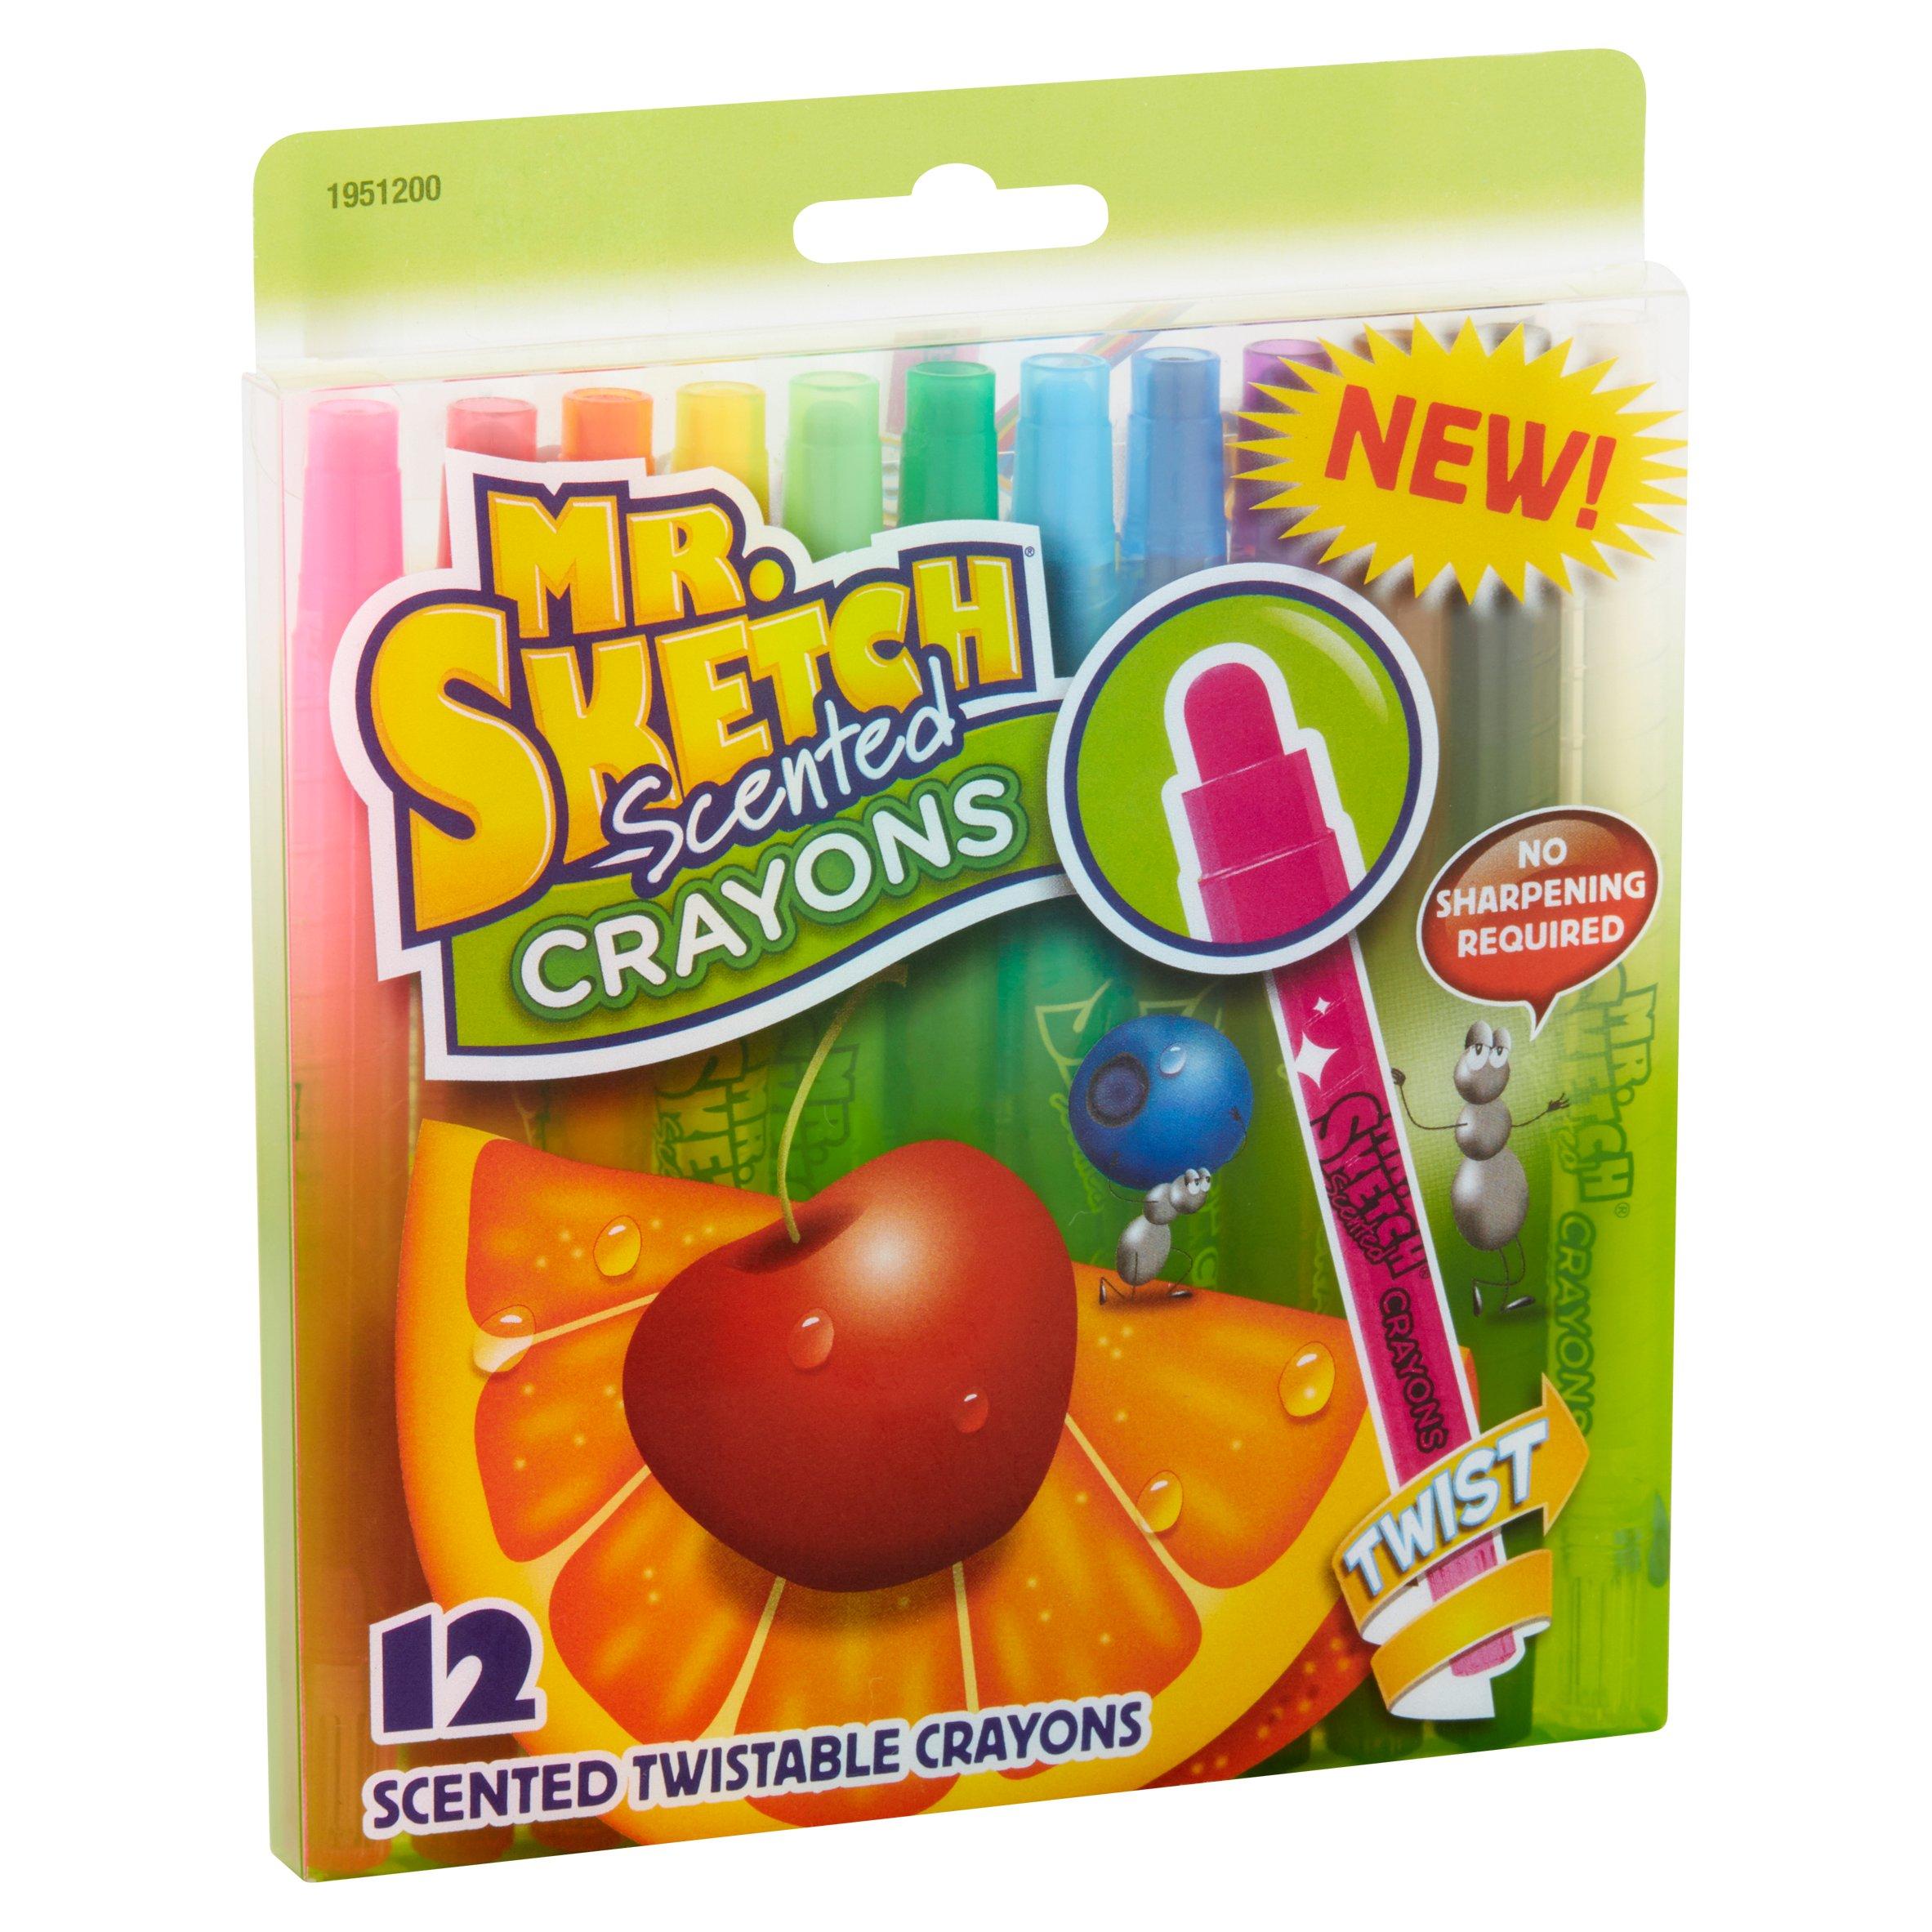 Crayon Rings Mr Sketch 12 Scented Twistable Crayons Walmartcom